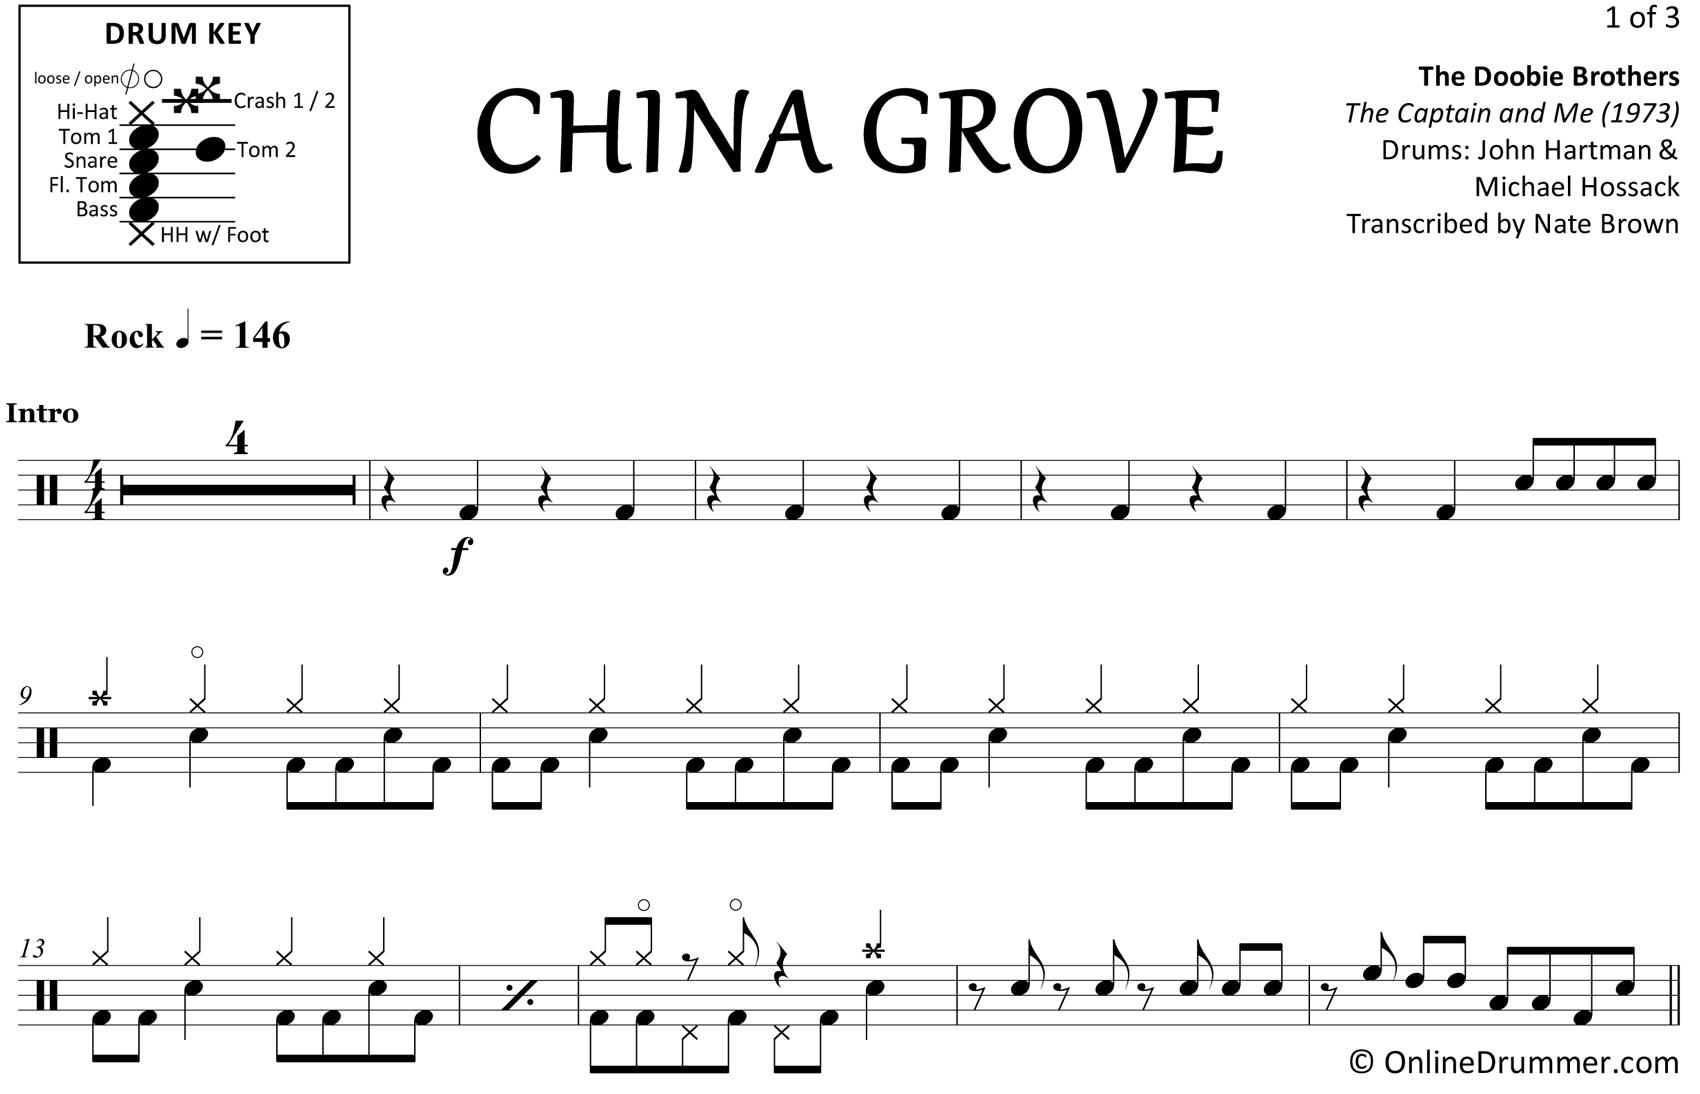 China Grove - The Doobie Brothers - Drum Sheet Music